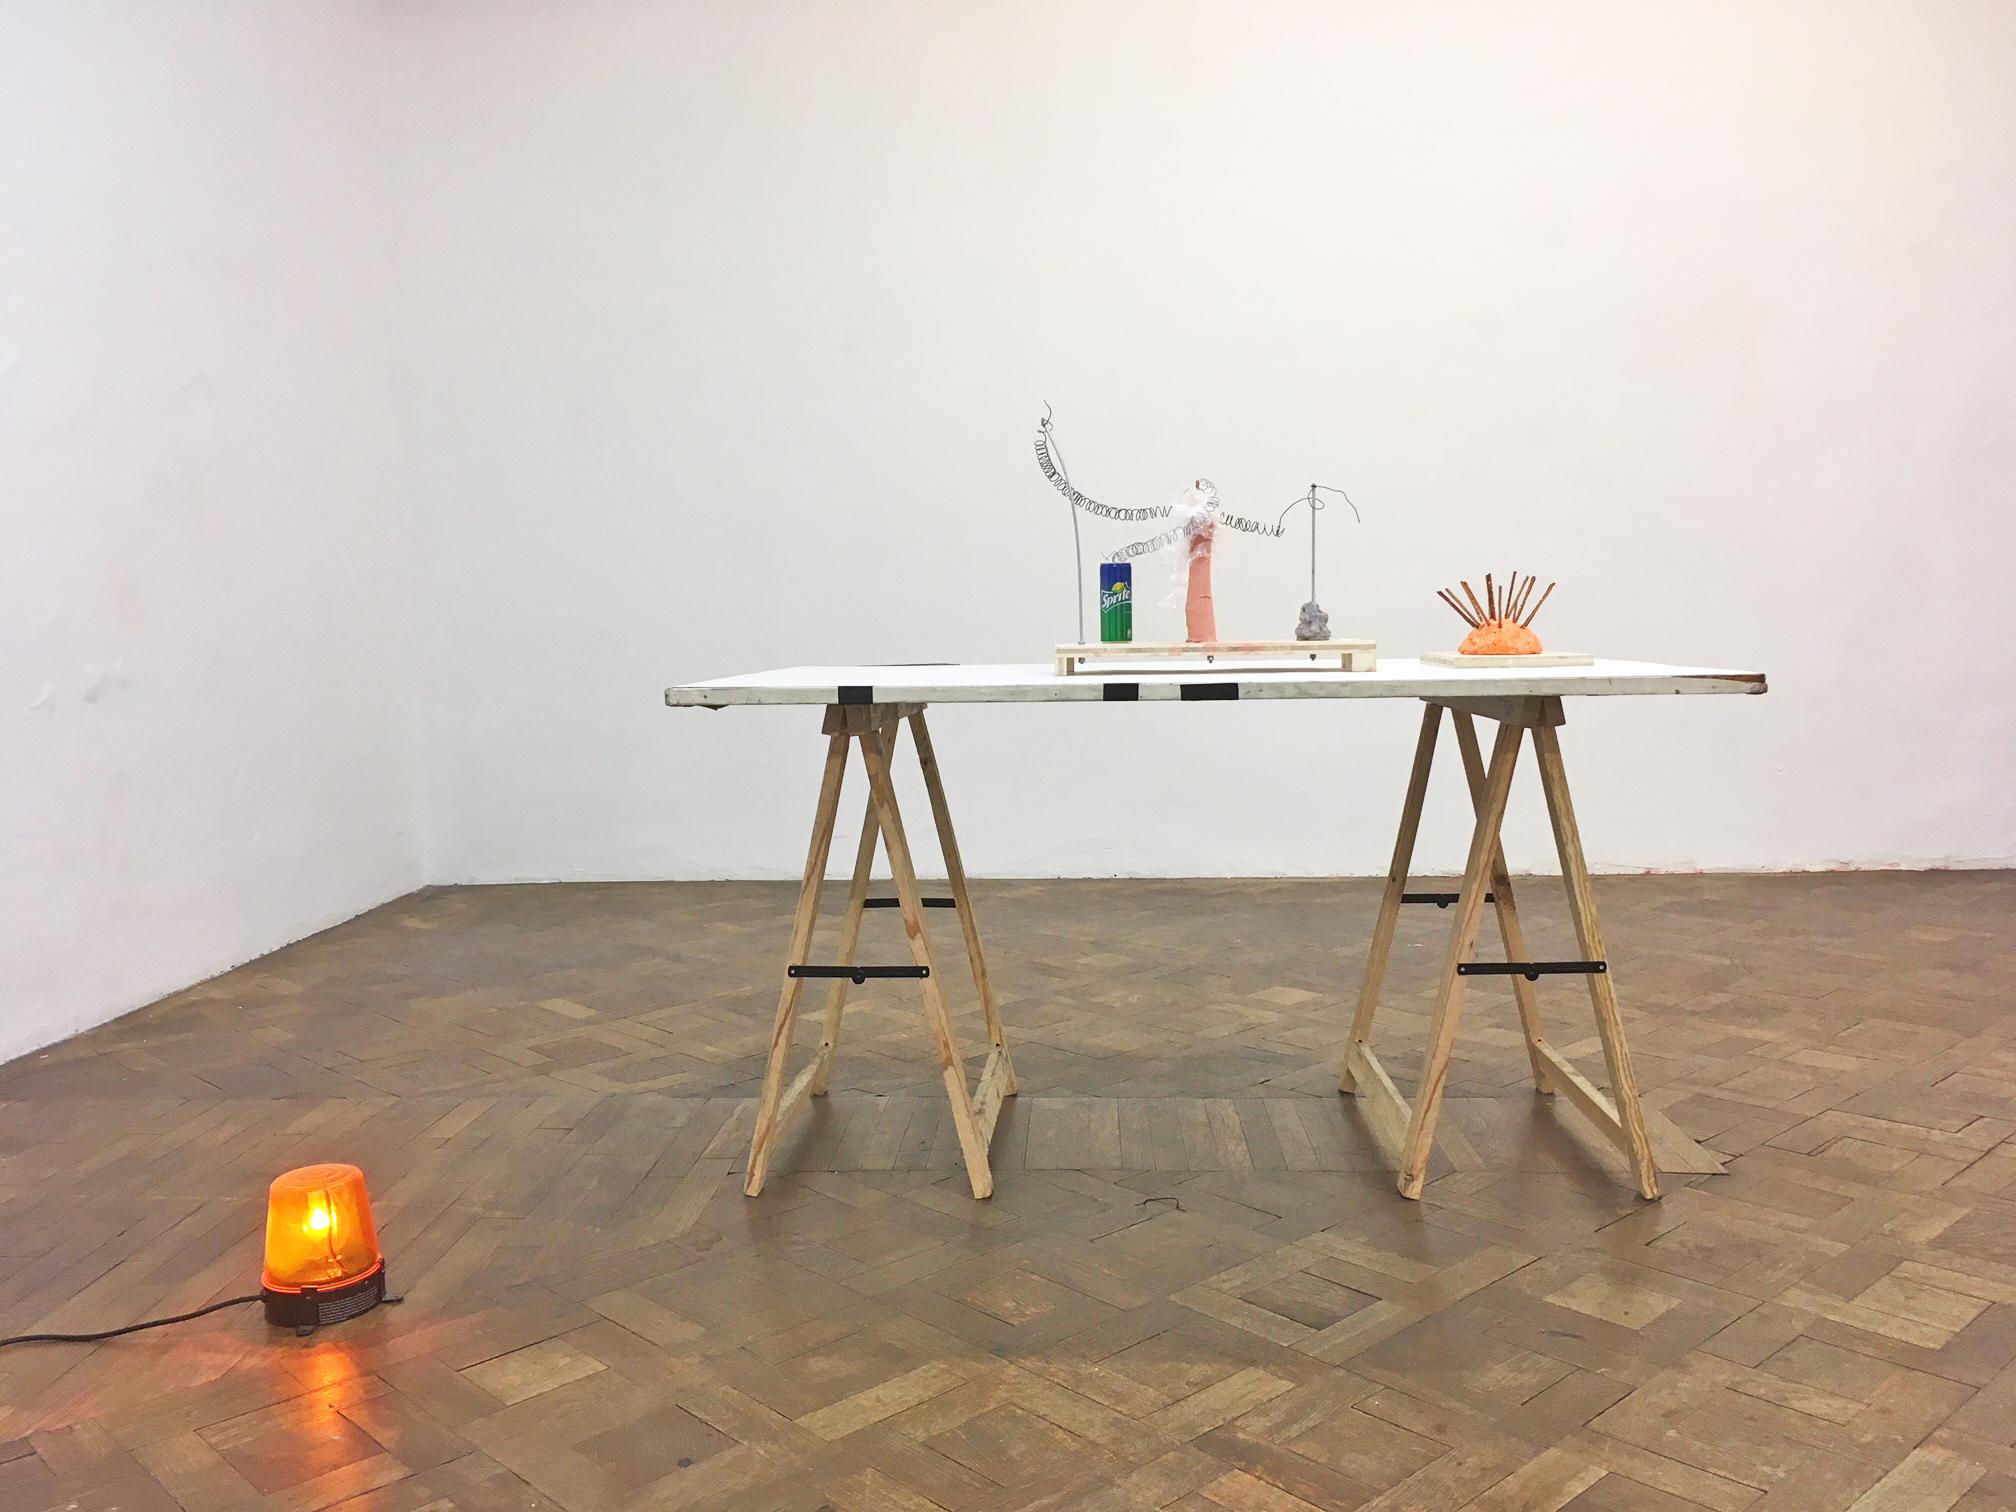 Installationsansicht, Martin Grandits, Büro Weltausstellung, 2018, Handyfoto: S.Geiger